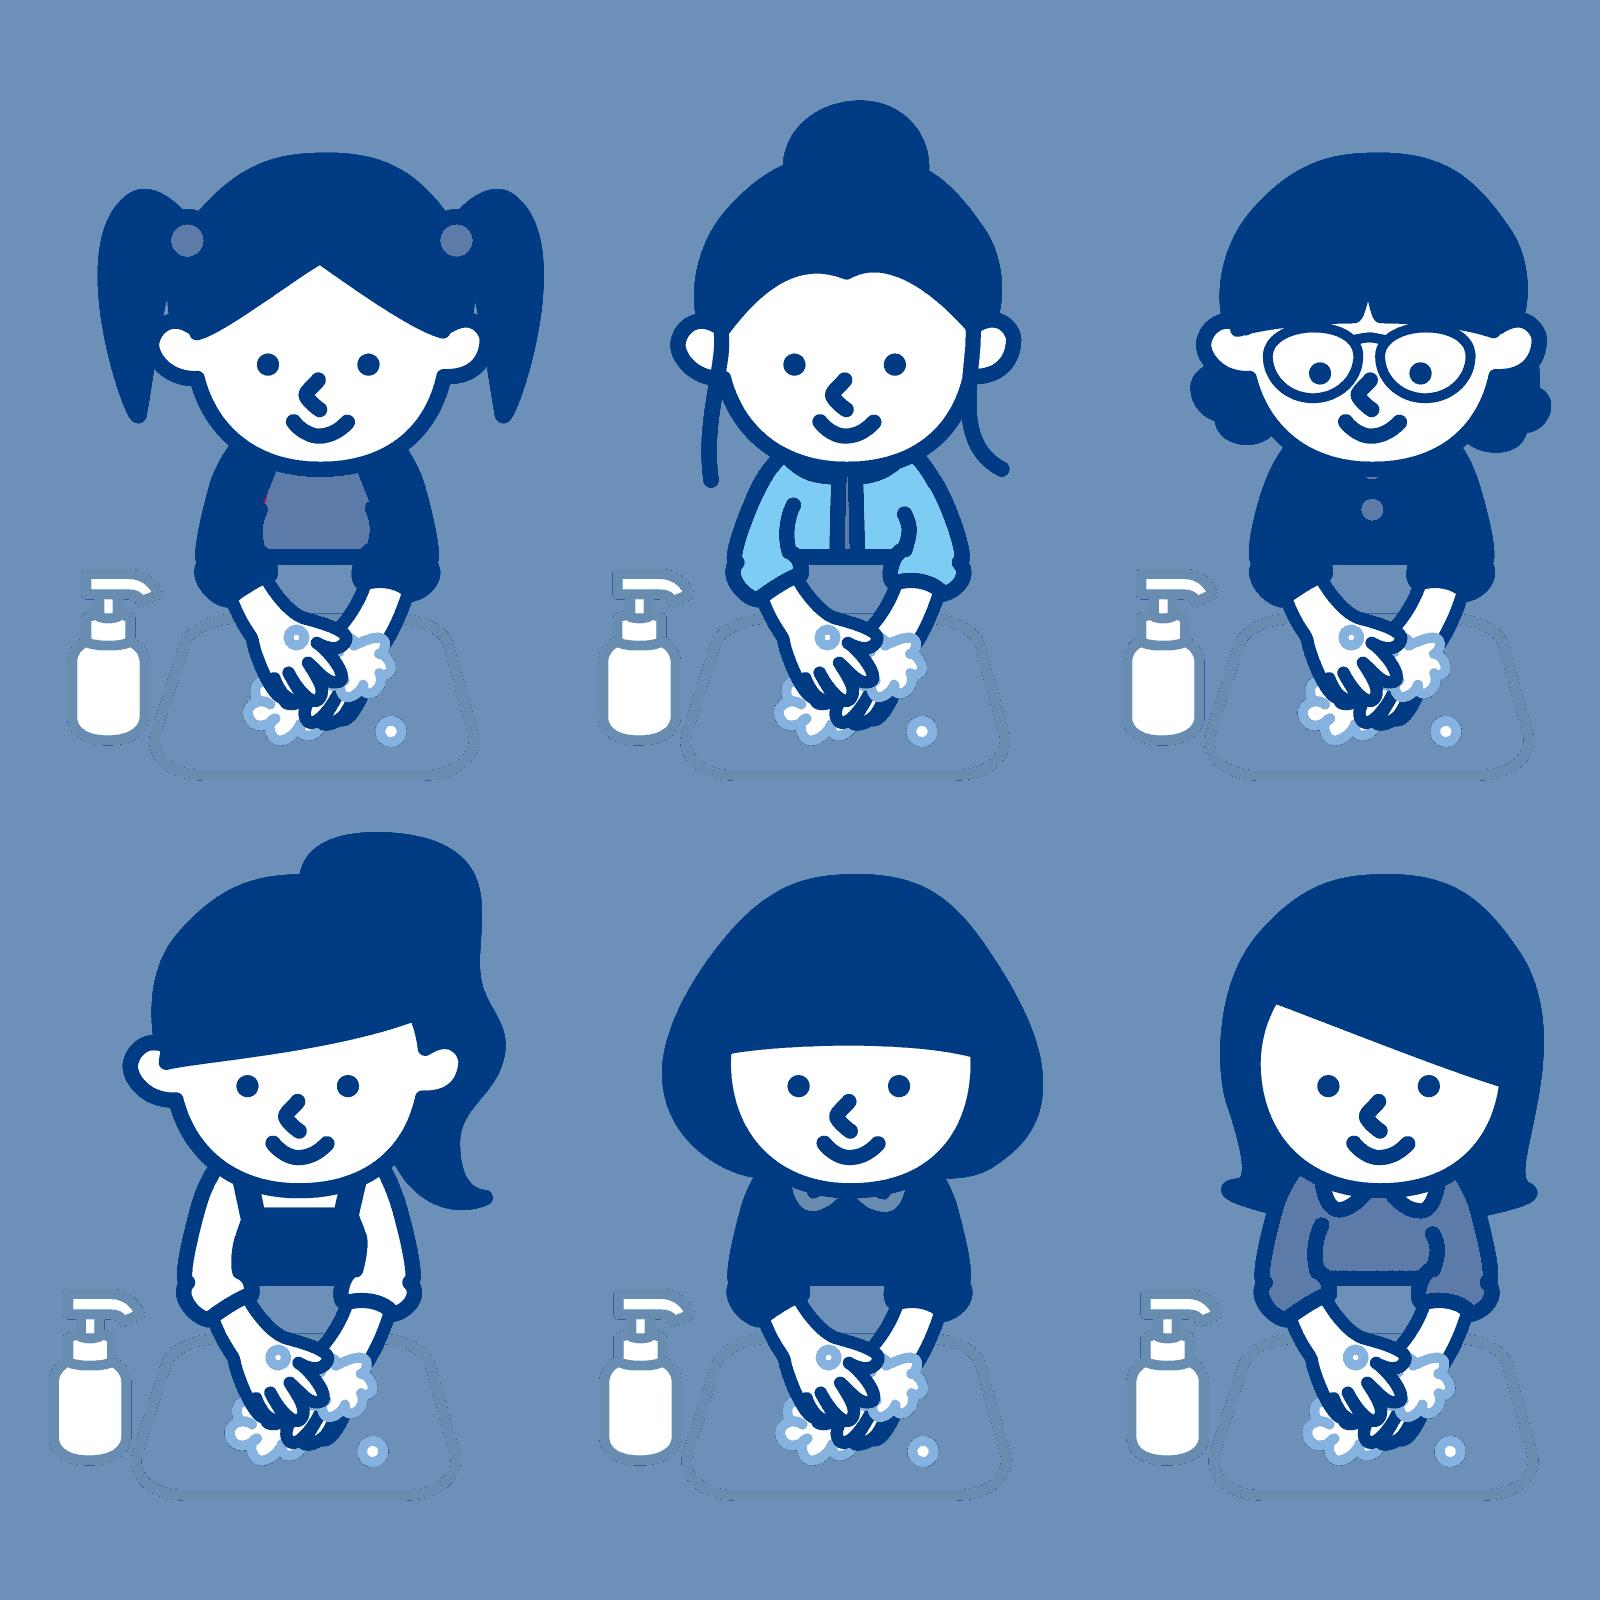 手洗いする子供たちのイラスト